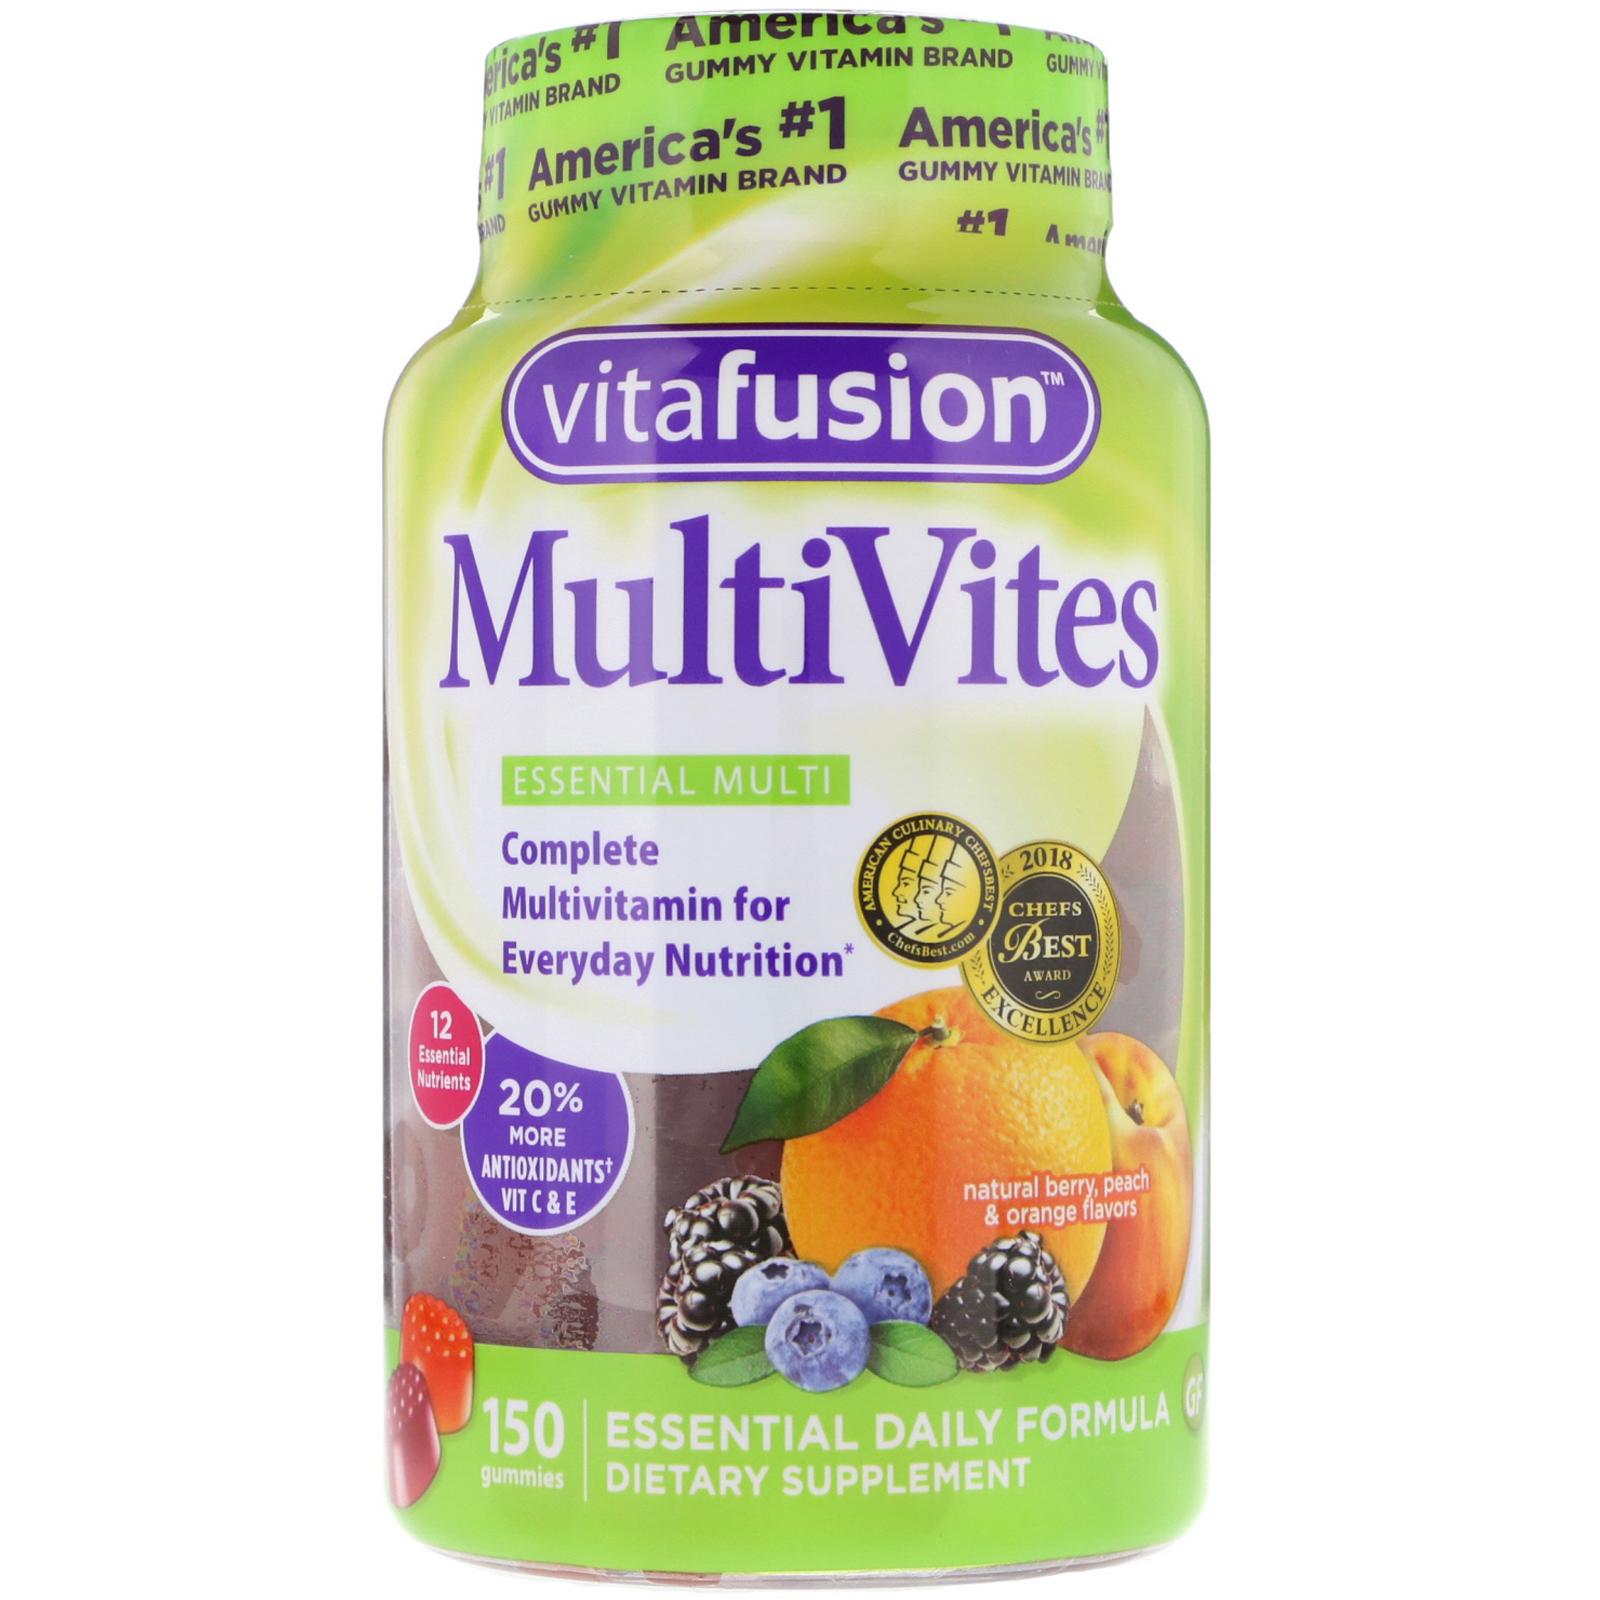 VitaFusion, MultiVites, Essential Multi